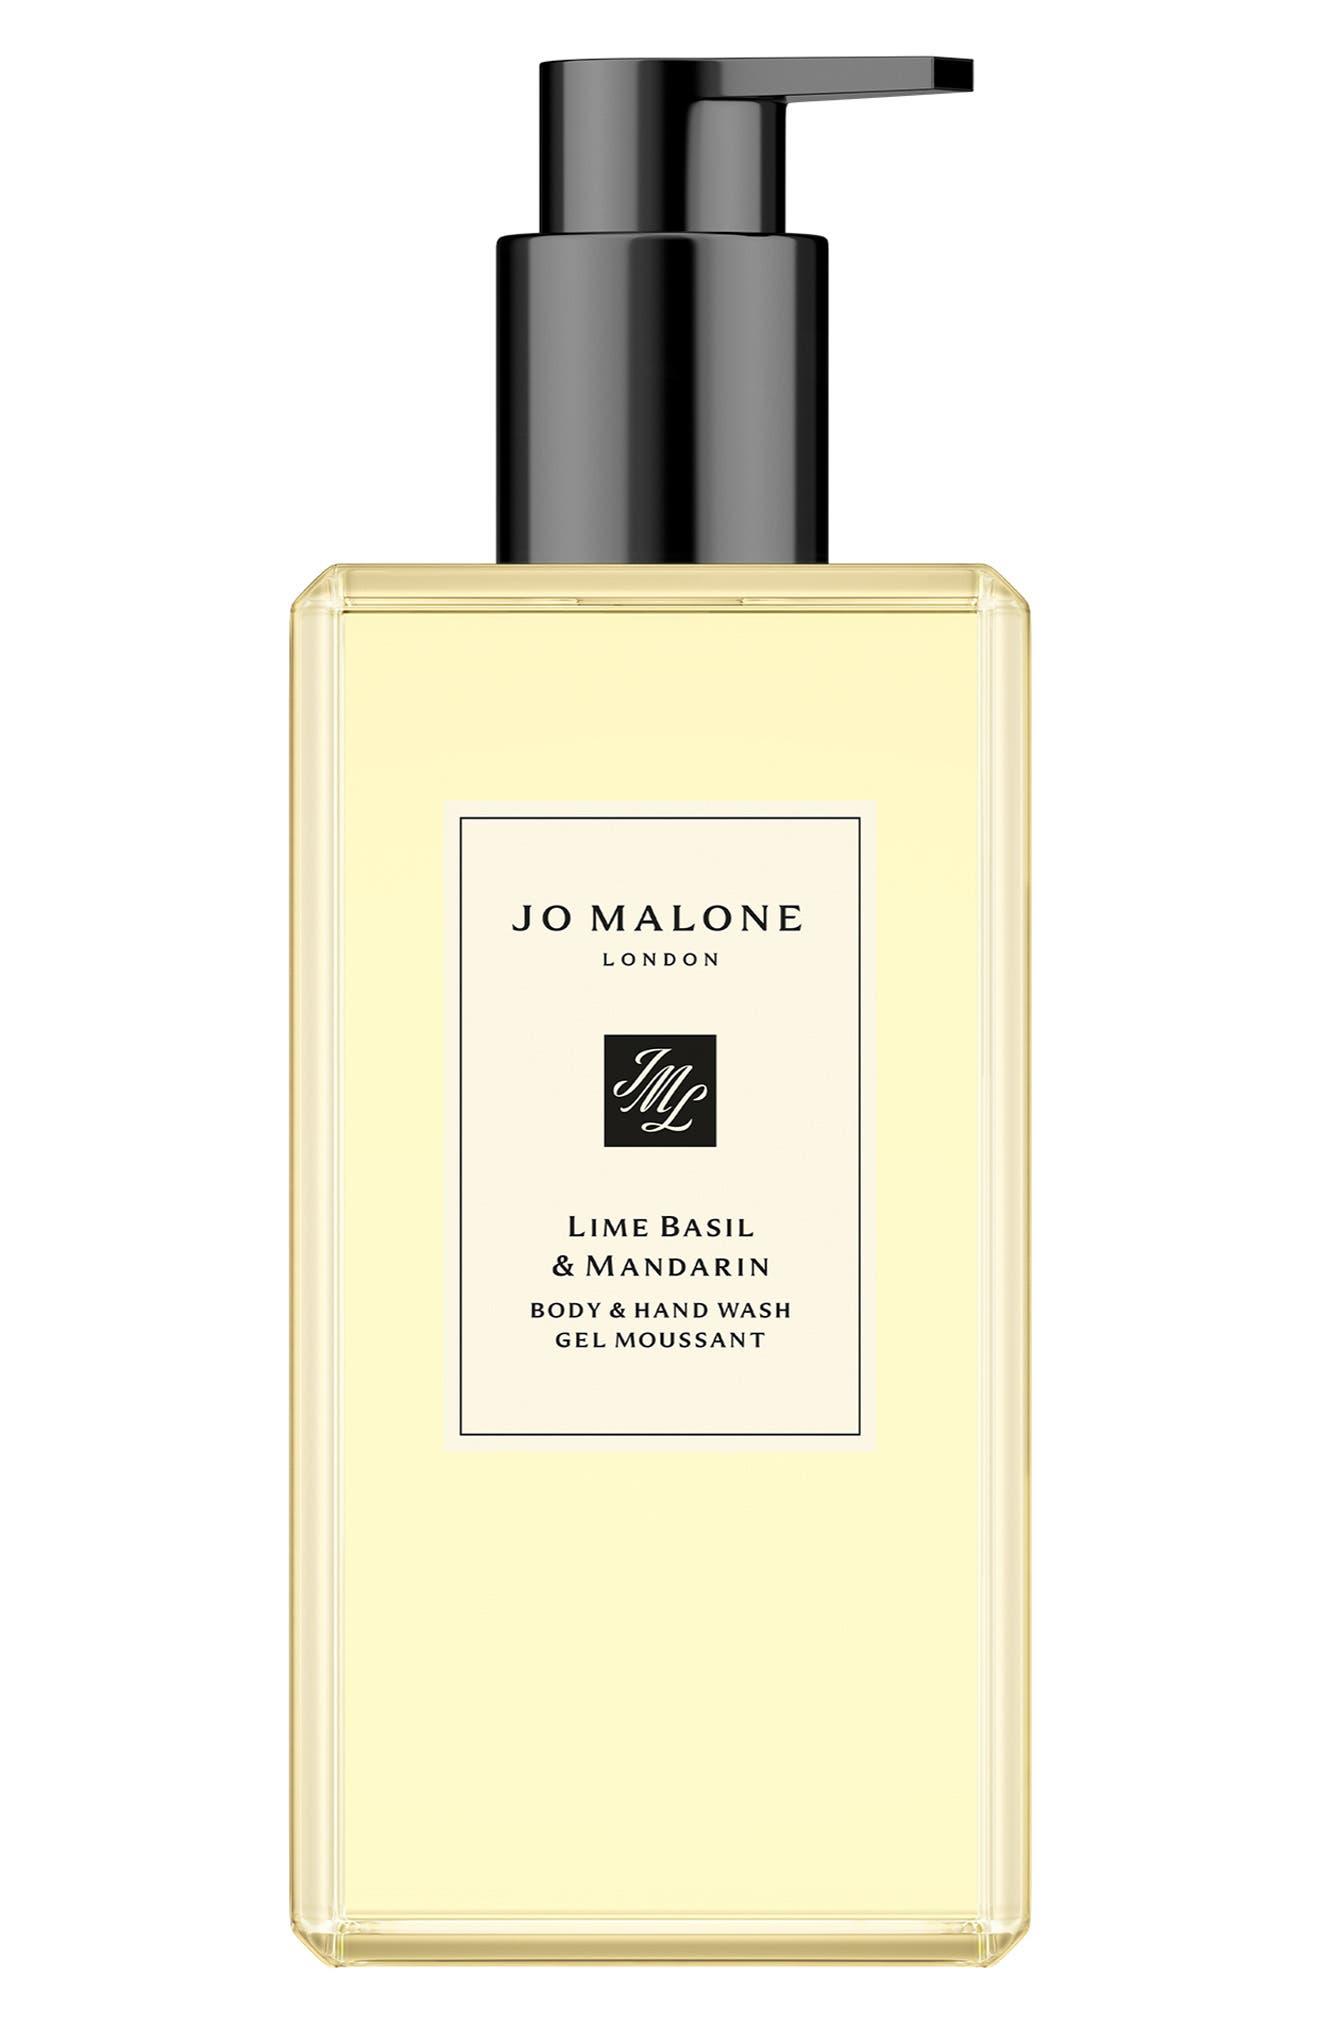 Jo Malone London(TM) Jumbo Size Lime Basil & Mandarin Body & Hand Wash